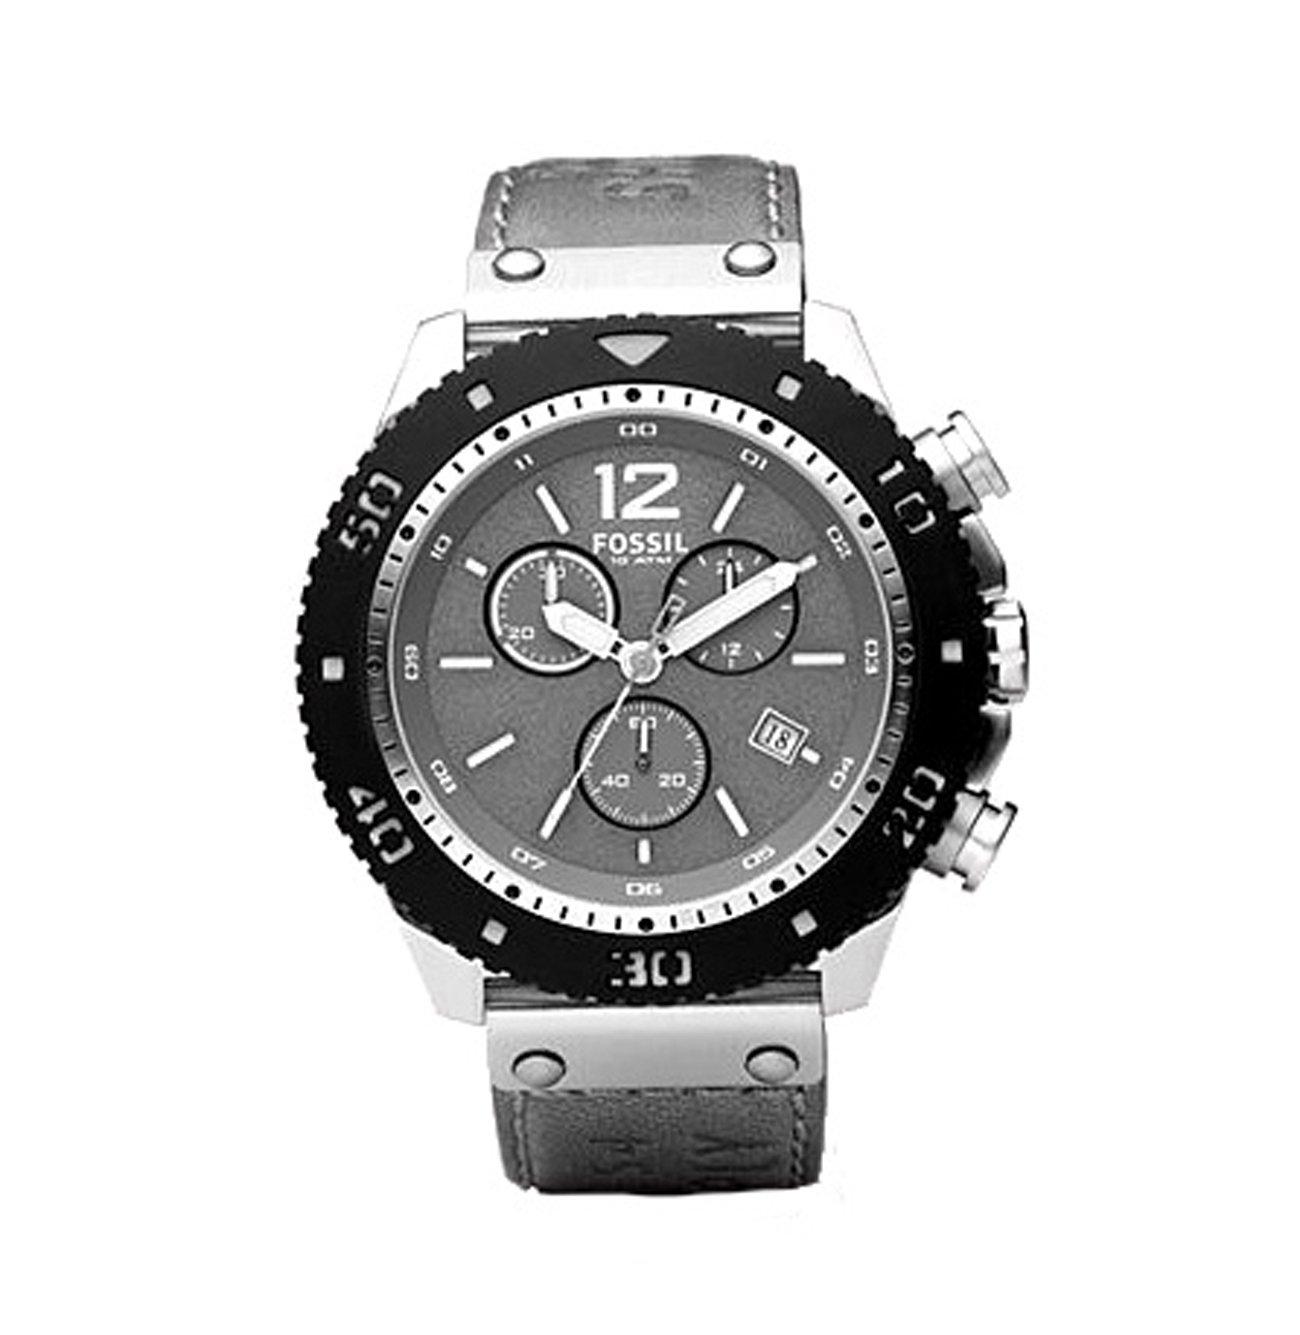 b9897bbbb96 VIVARA  Relógios Tommy Hilfiger 50% OFF  partindo de R  145 em 10 x ...